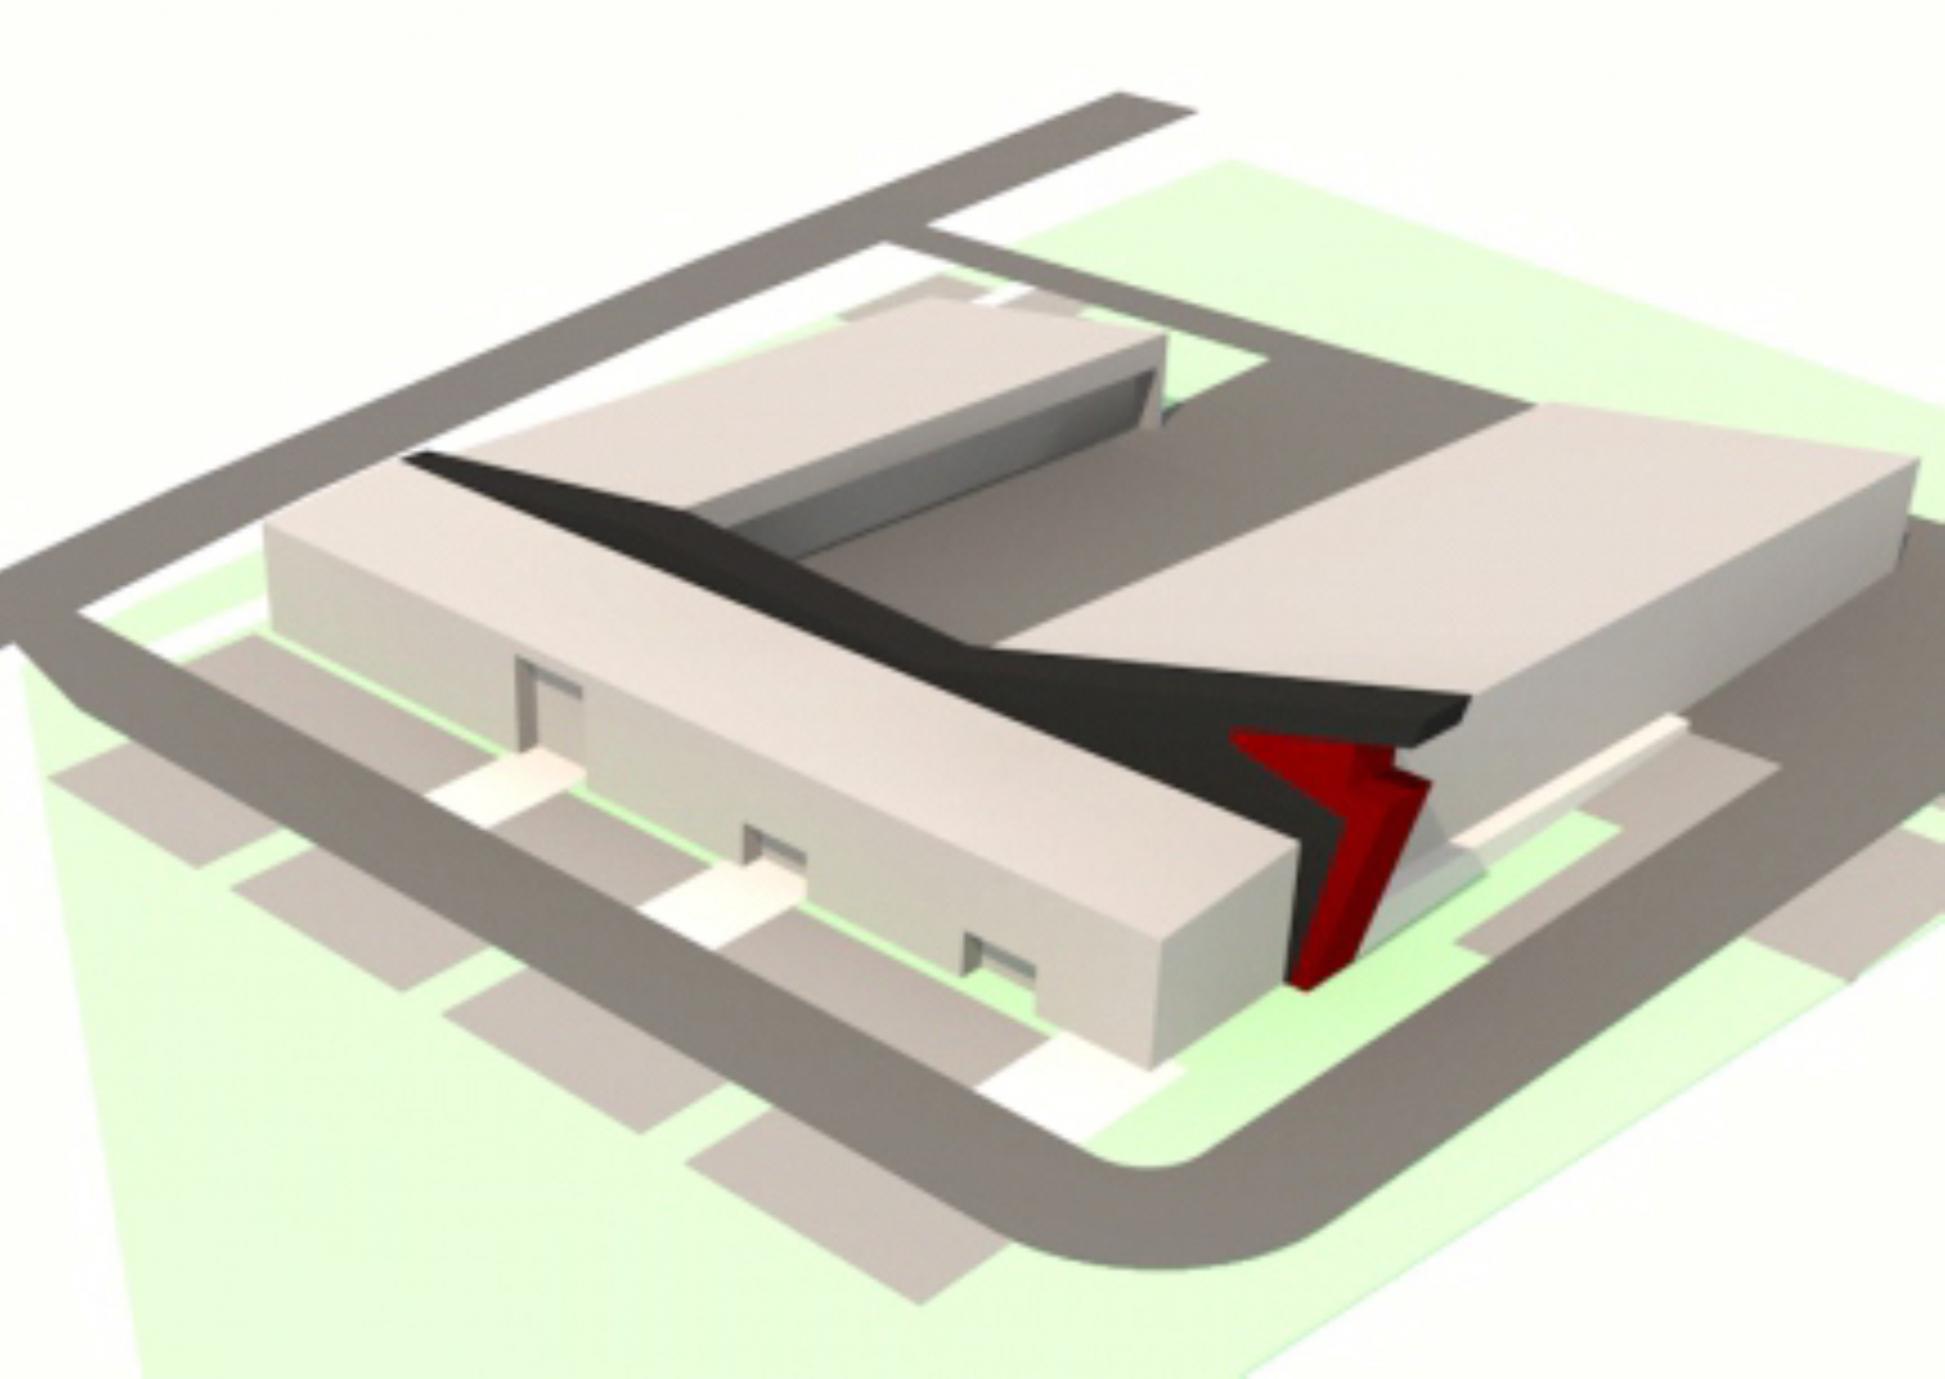 feuerwehr der stadt furth im wald einweihung rettungszentrum format elf architekten format elf architekten